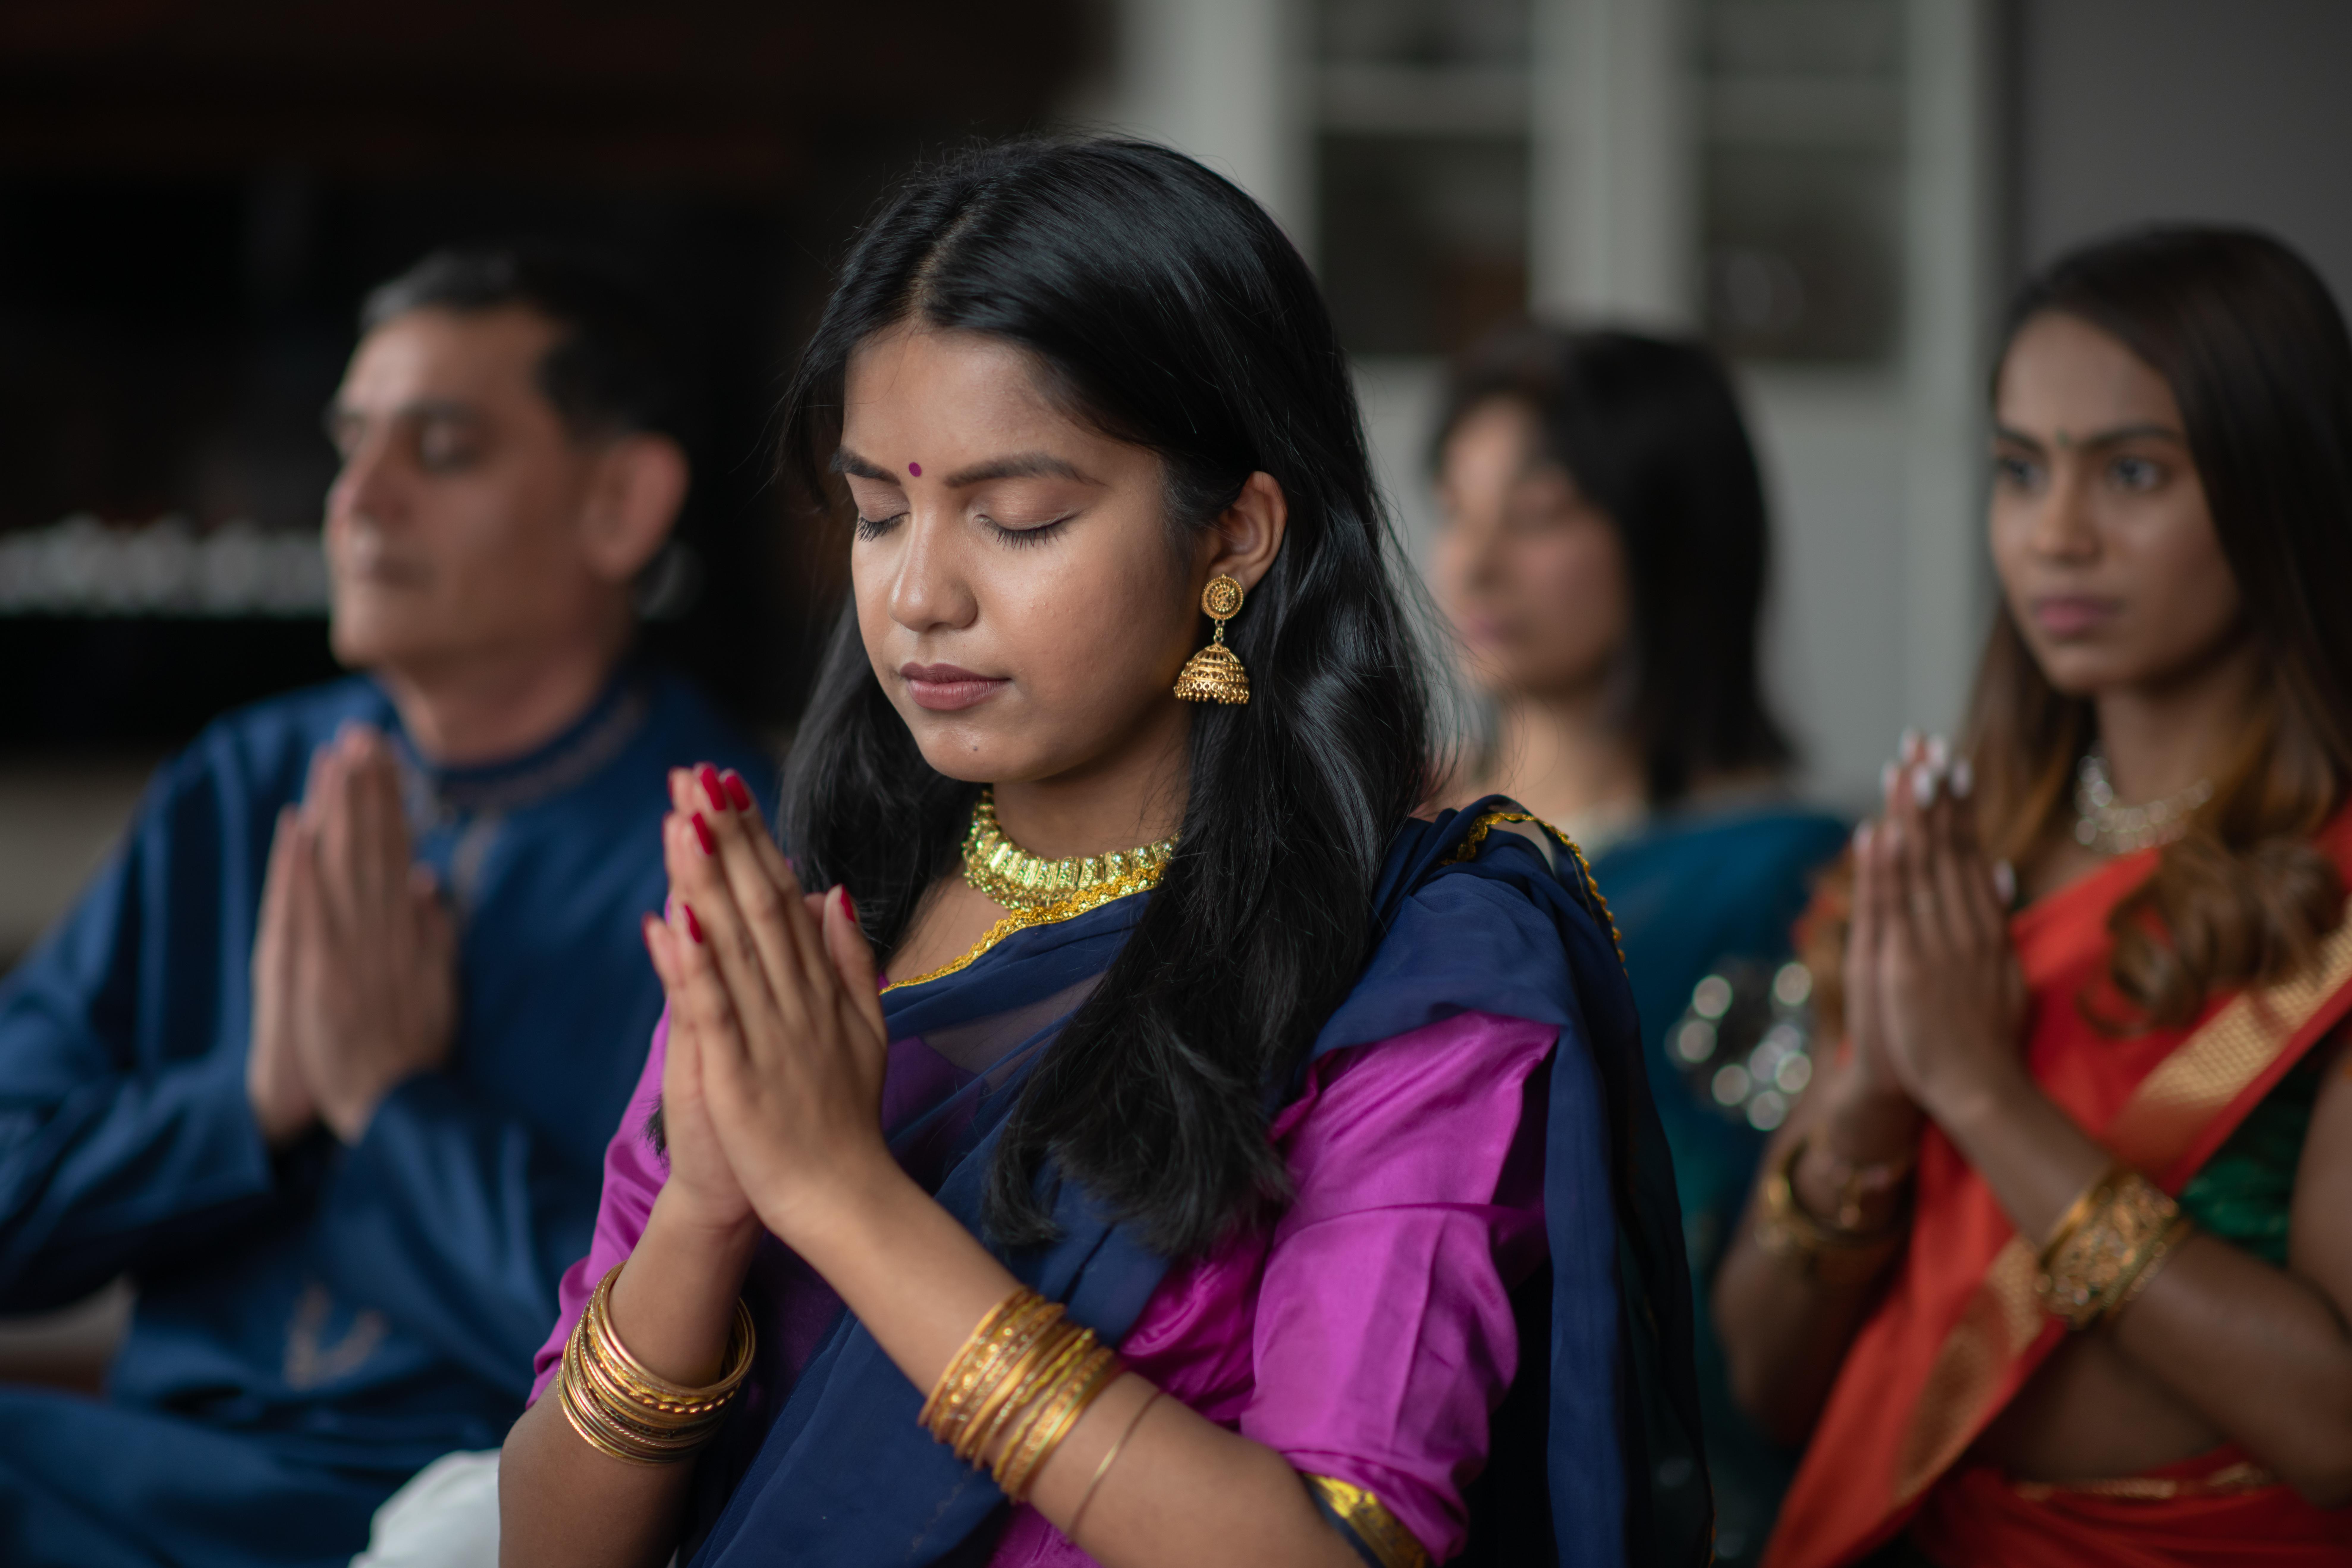 तनाव में महिलाएं पूजापाठ करती हैं